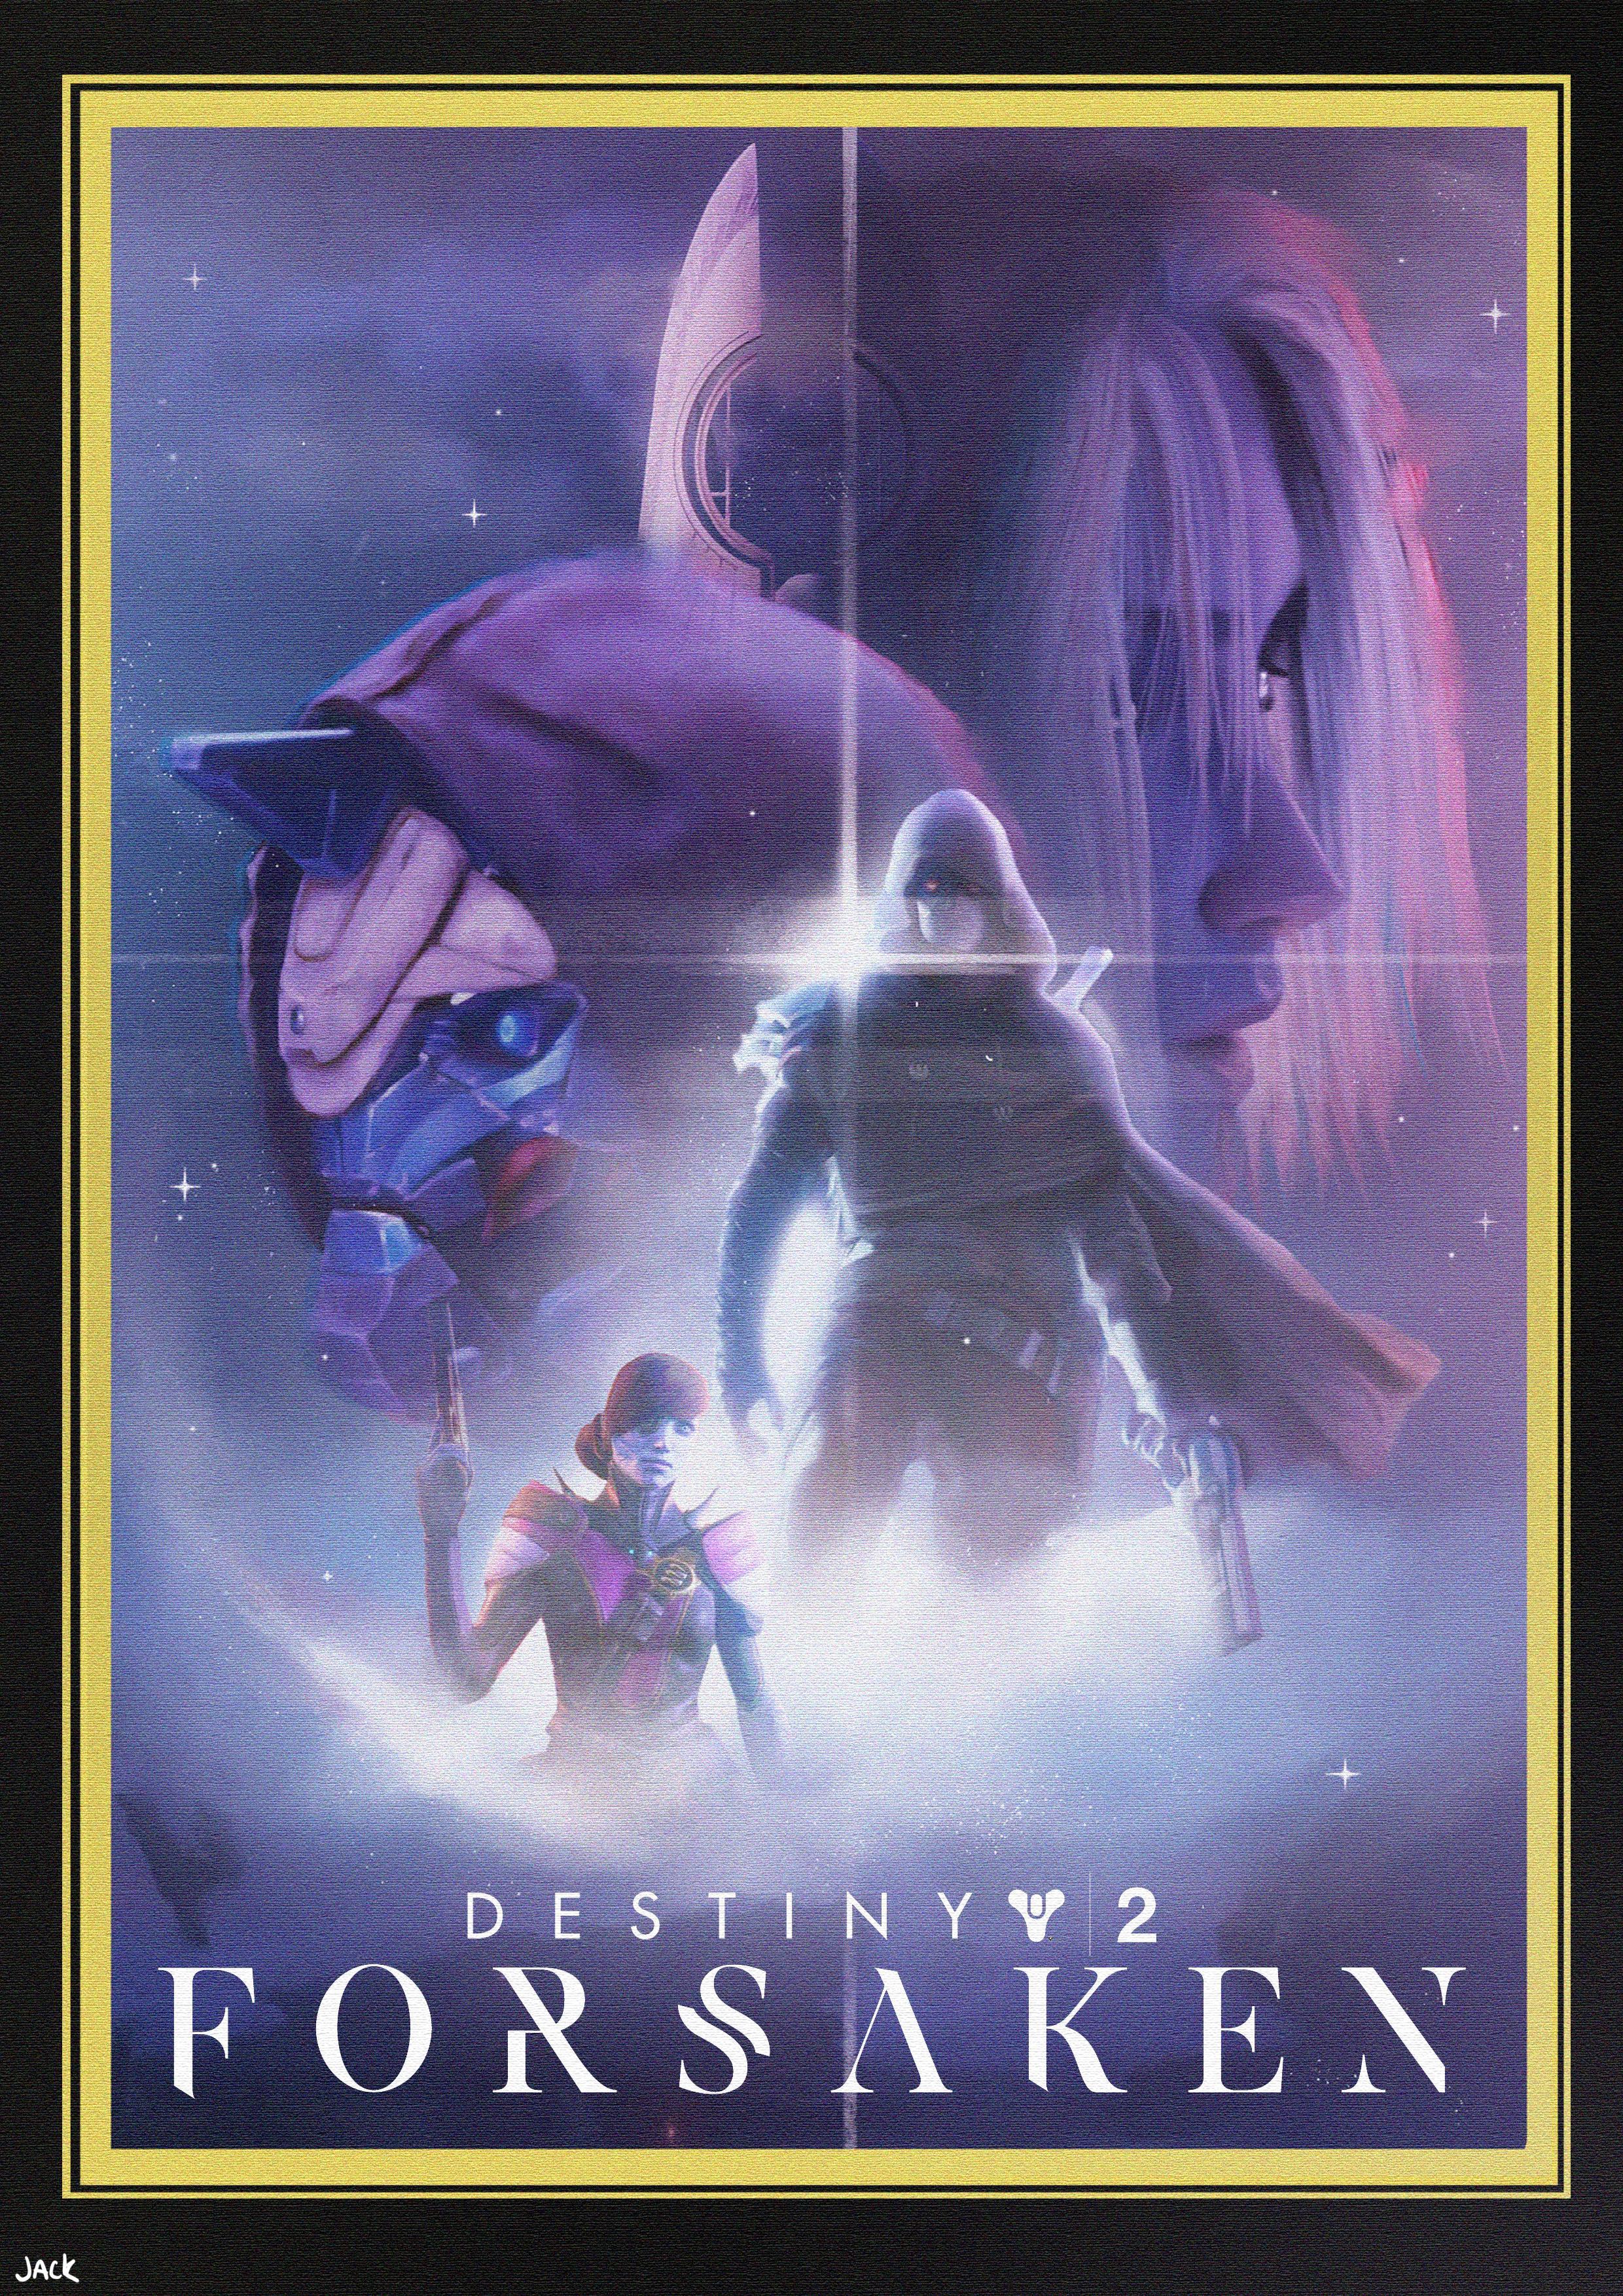 destiny forsaken movie poster